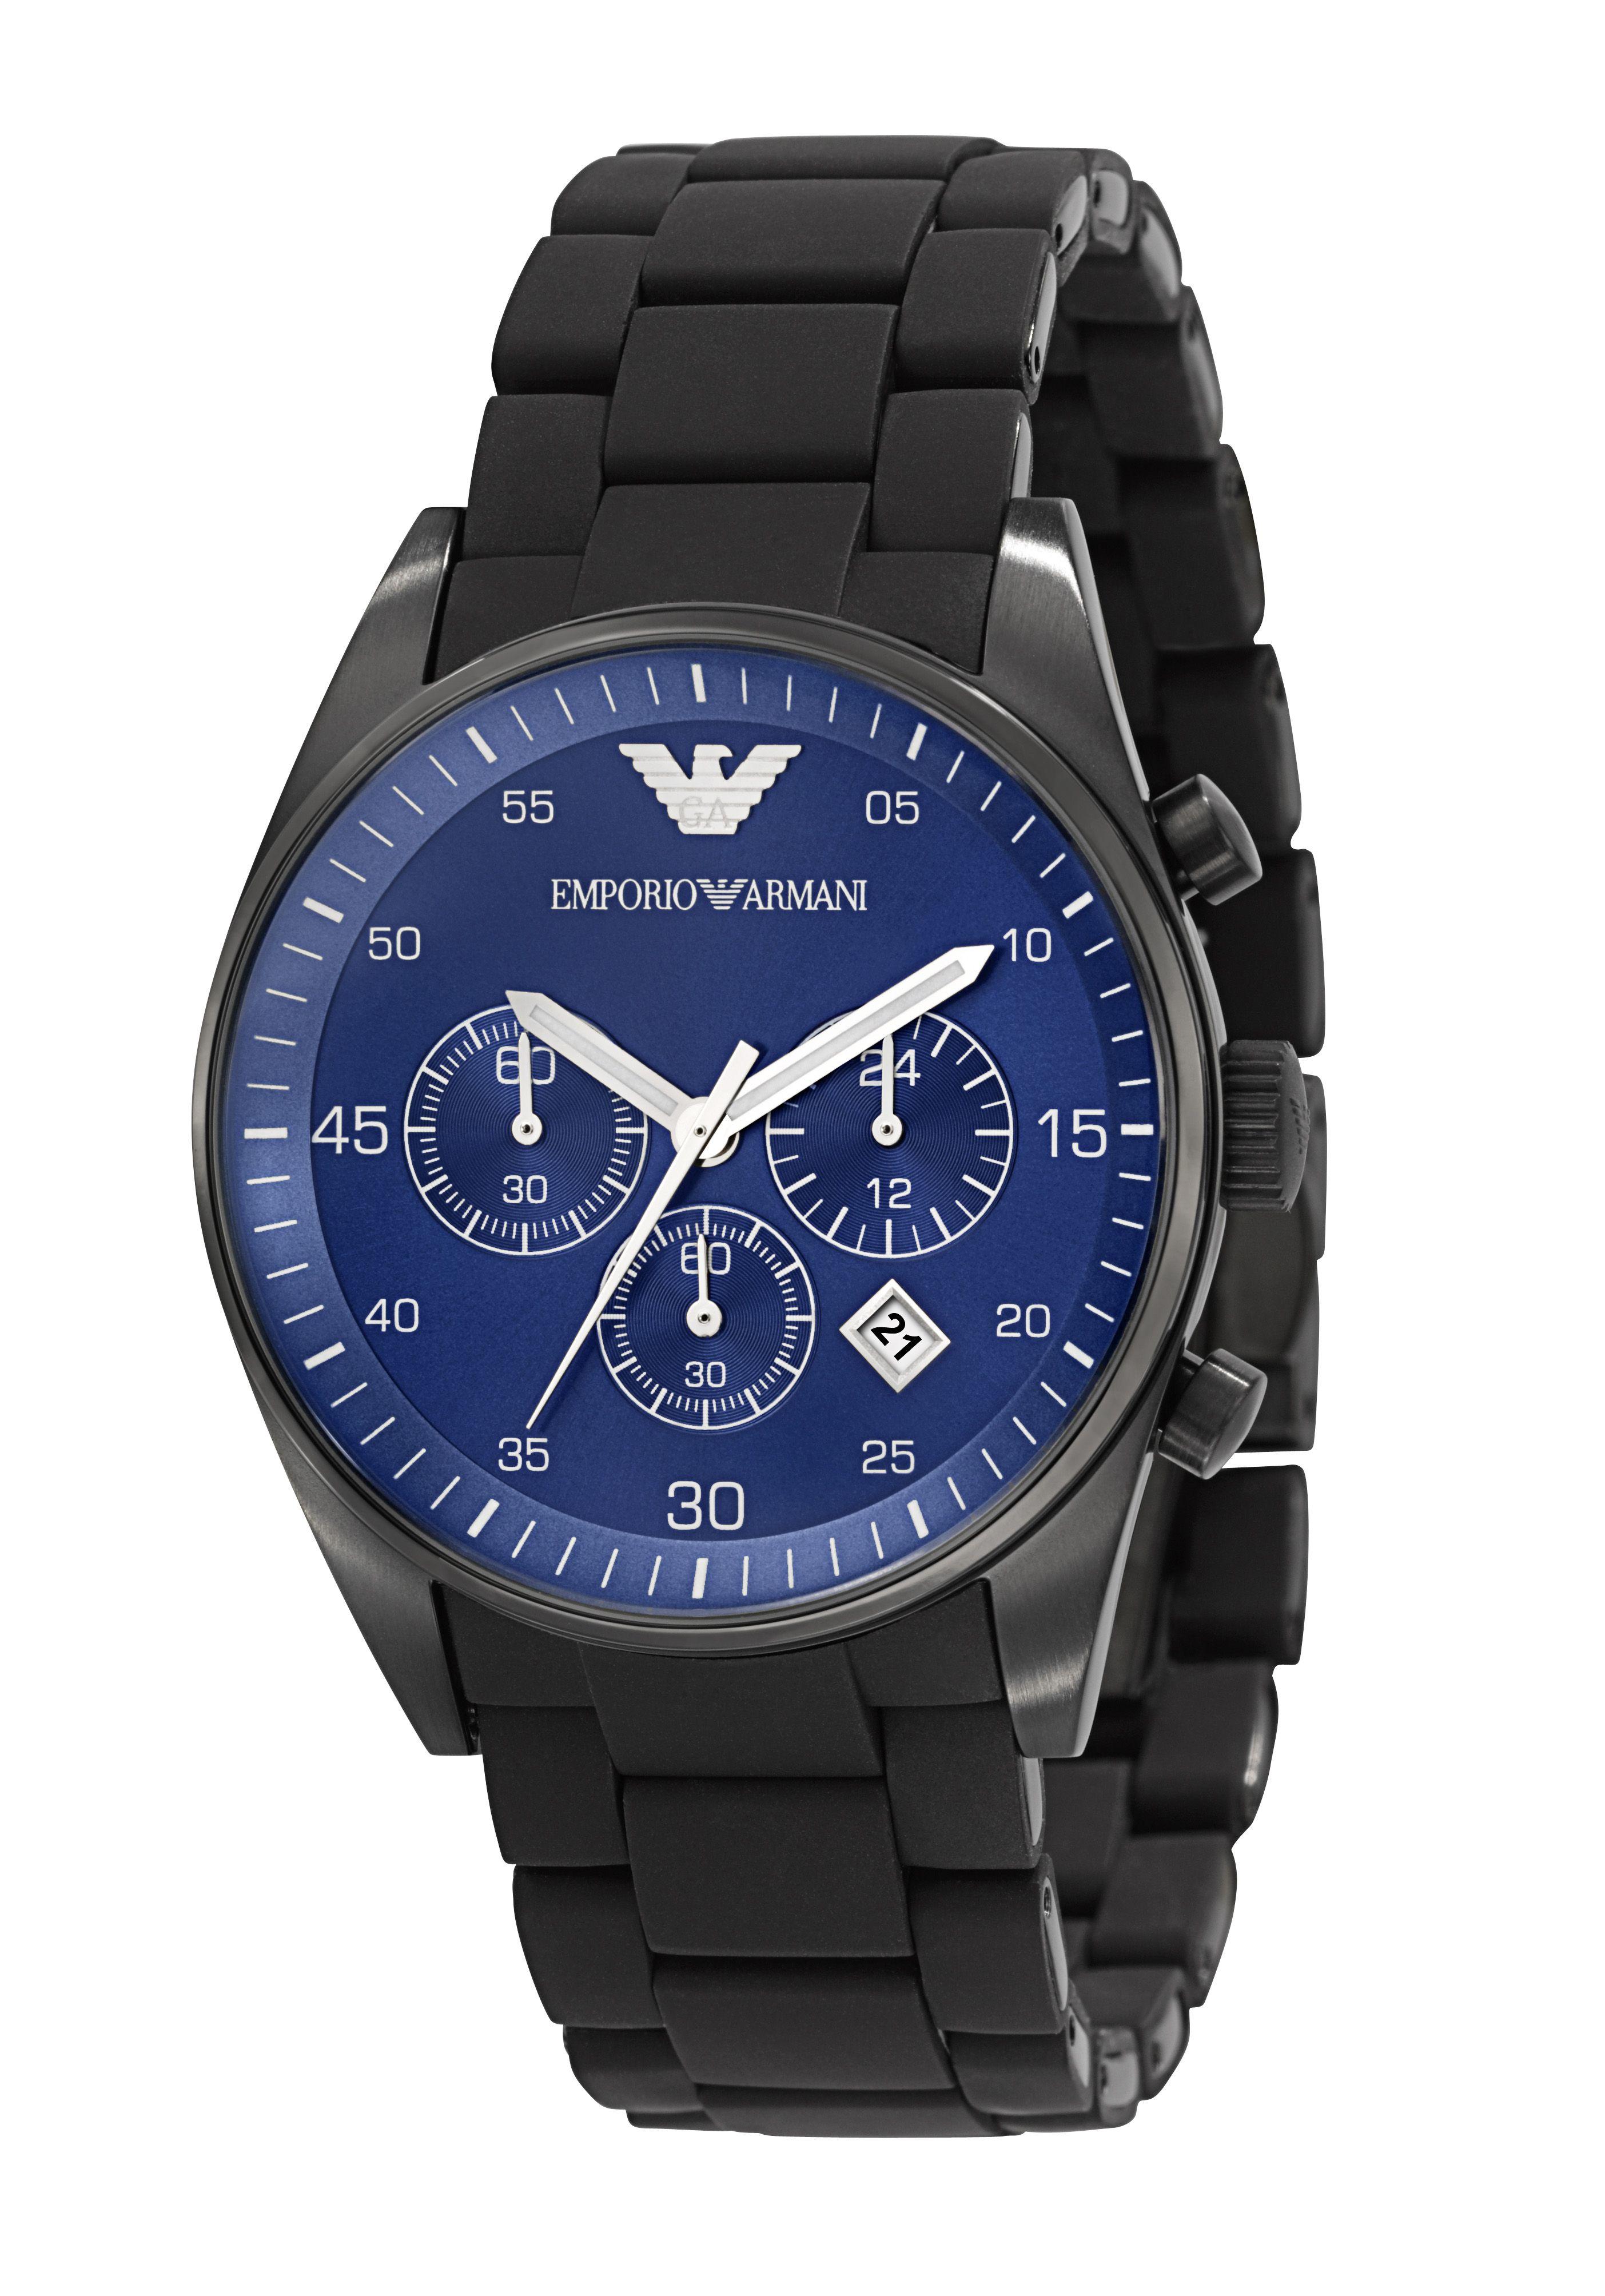 e011653ff47 Relógio Emporio Armani Masculino